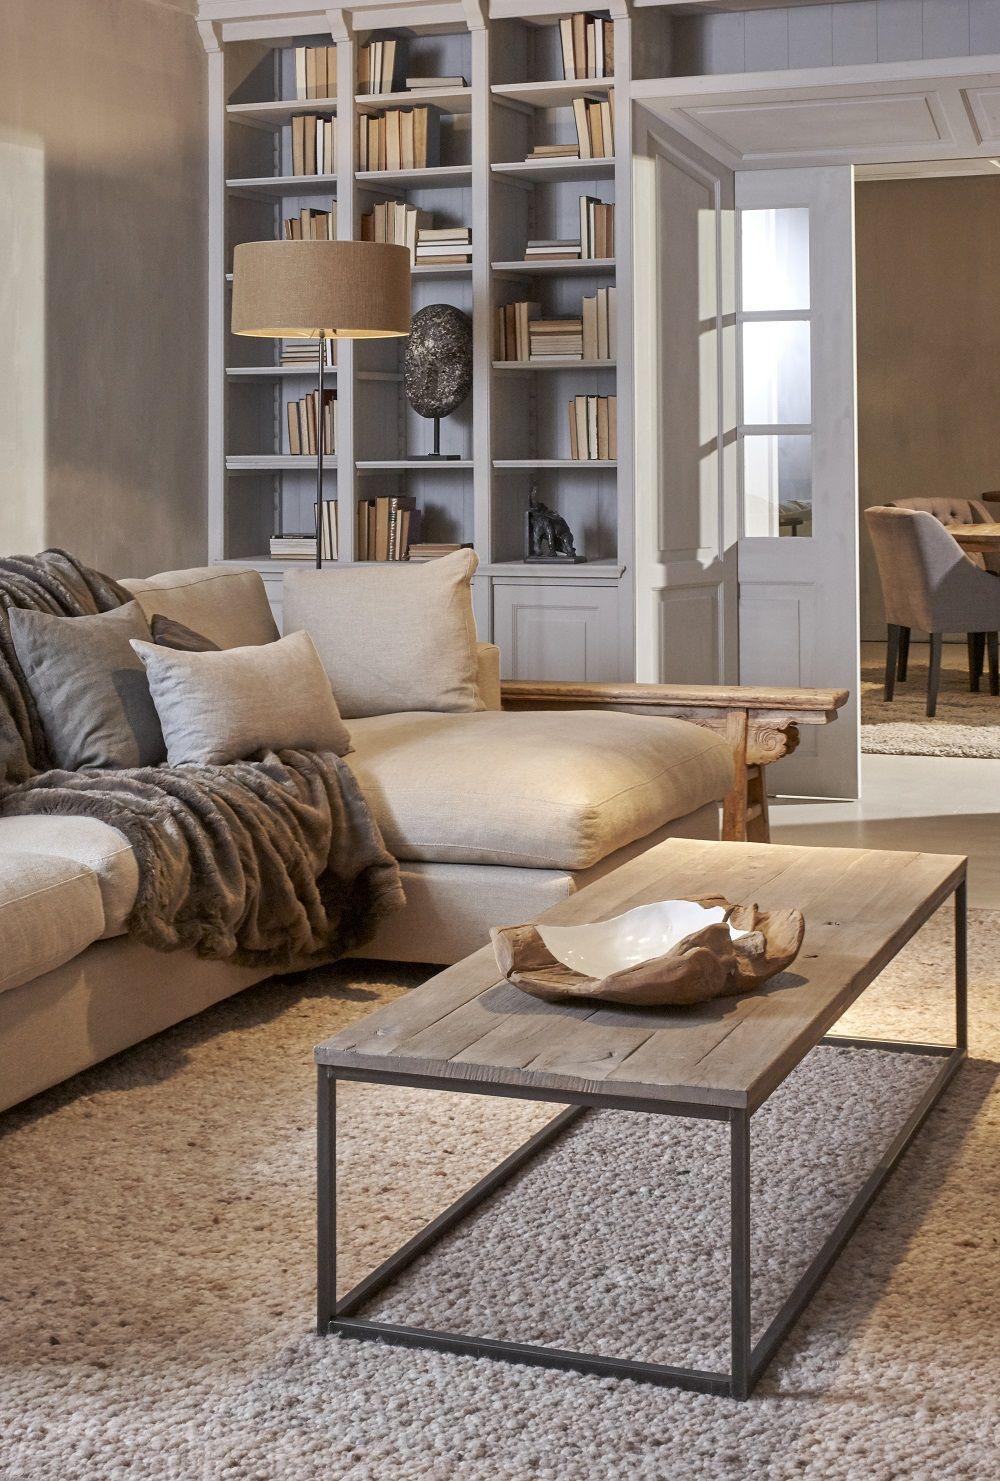 Landelijke Inrichting Lifestyle Gallery | Samu, Wohnzimmer und ...